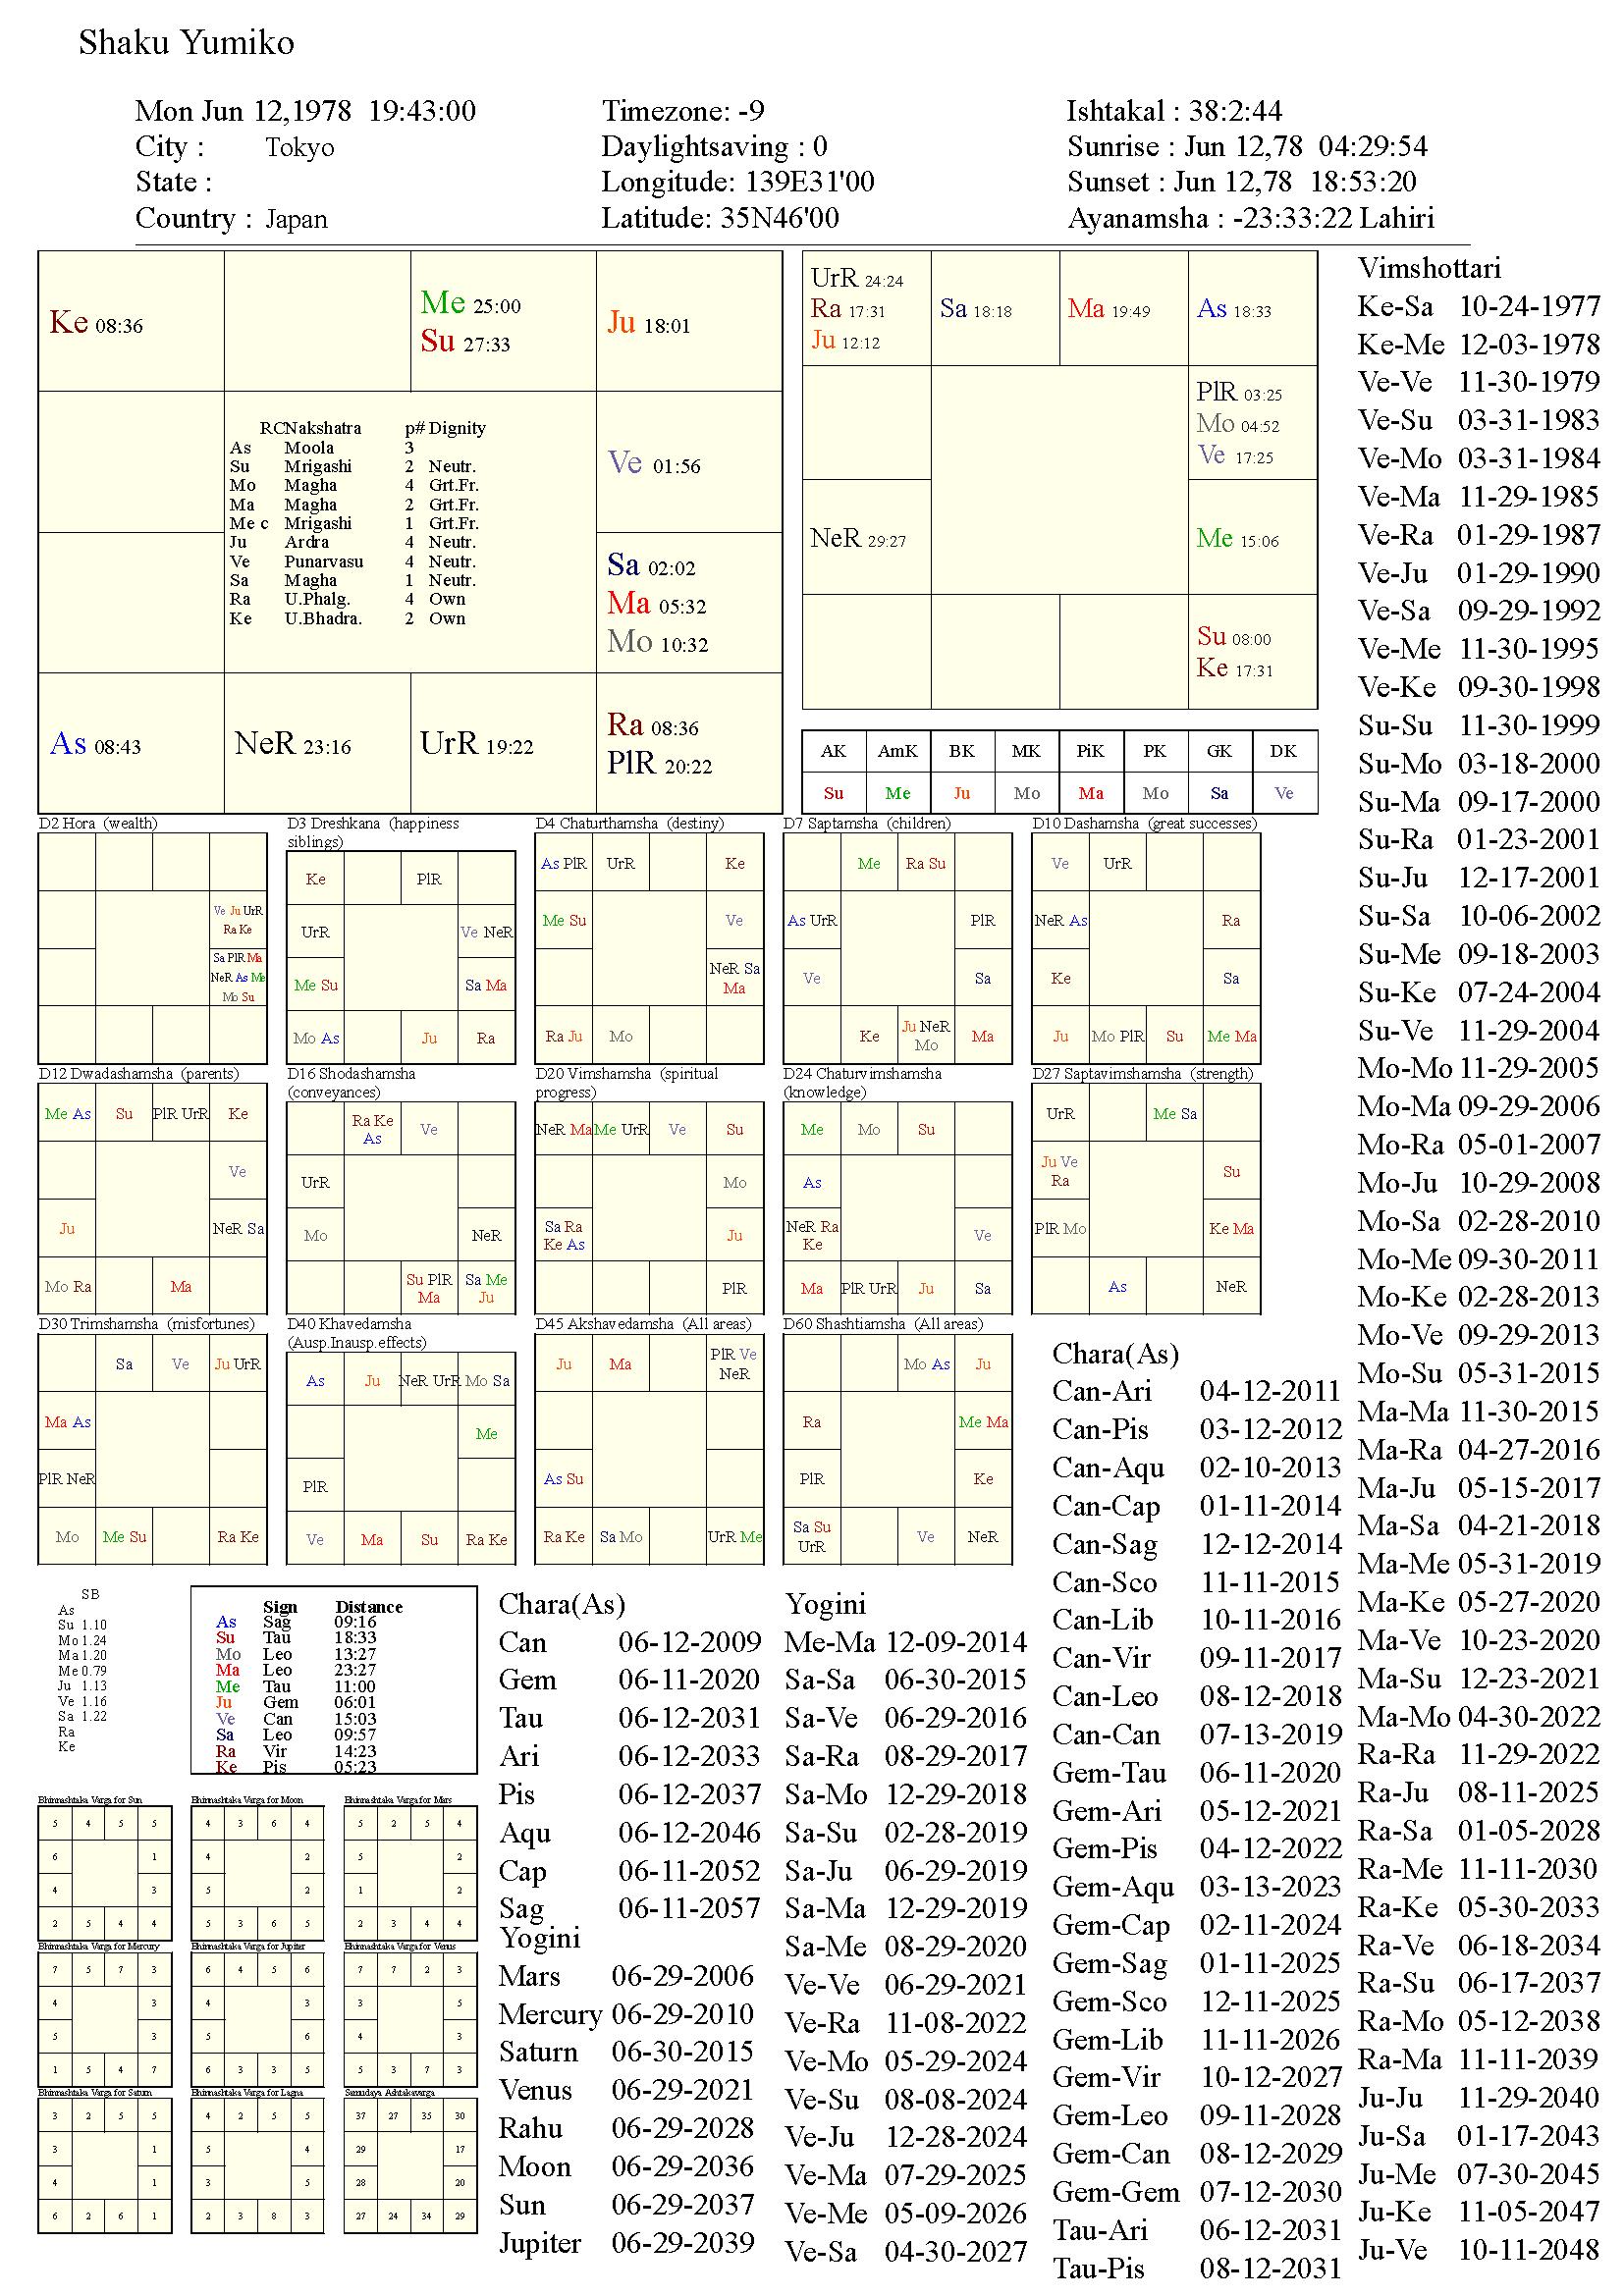 ShakuYumiko_chart